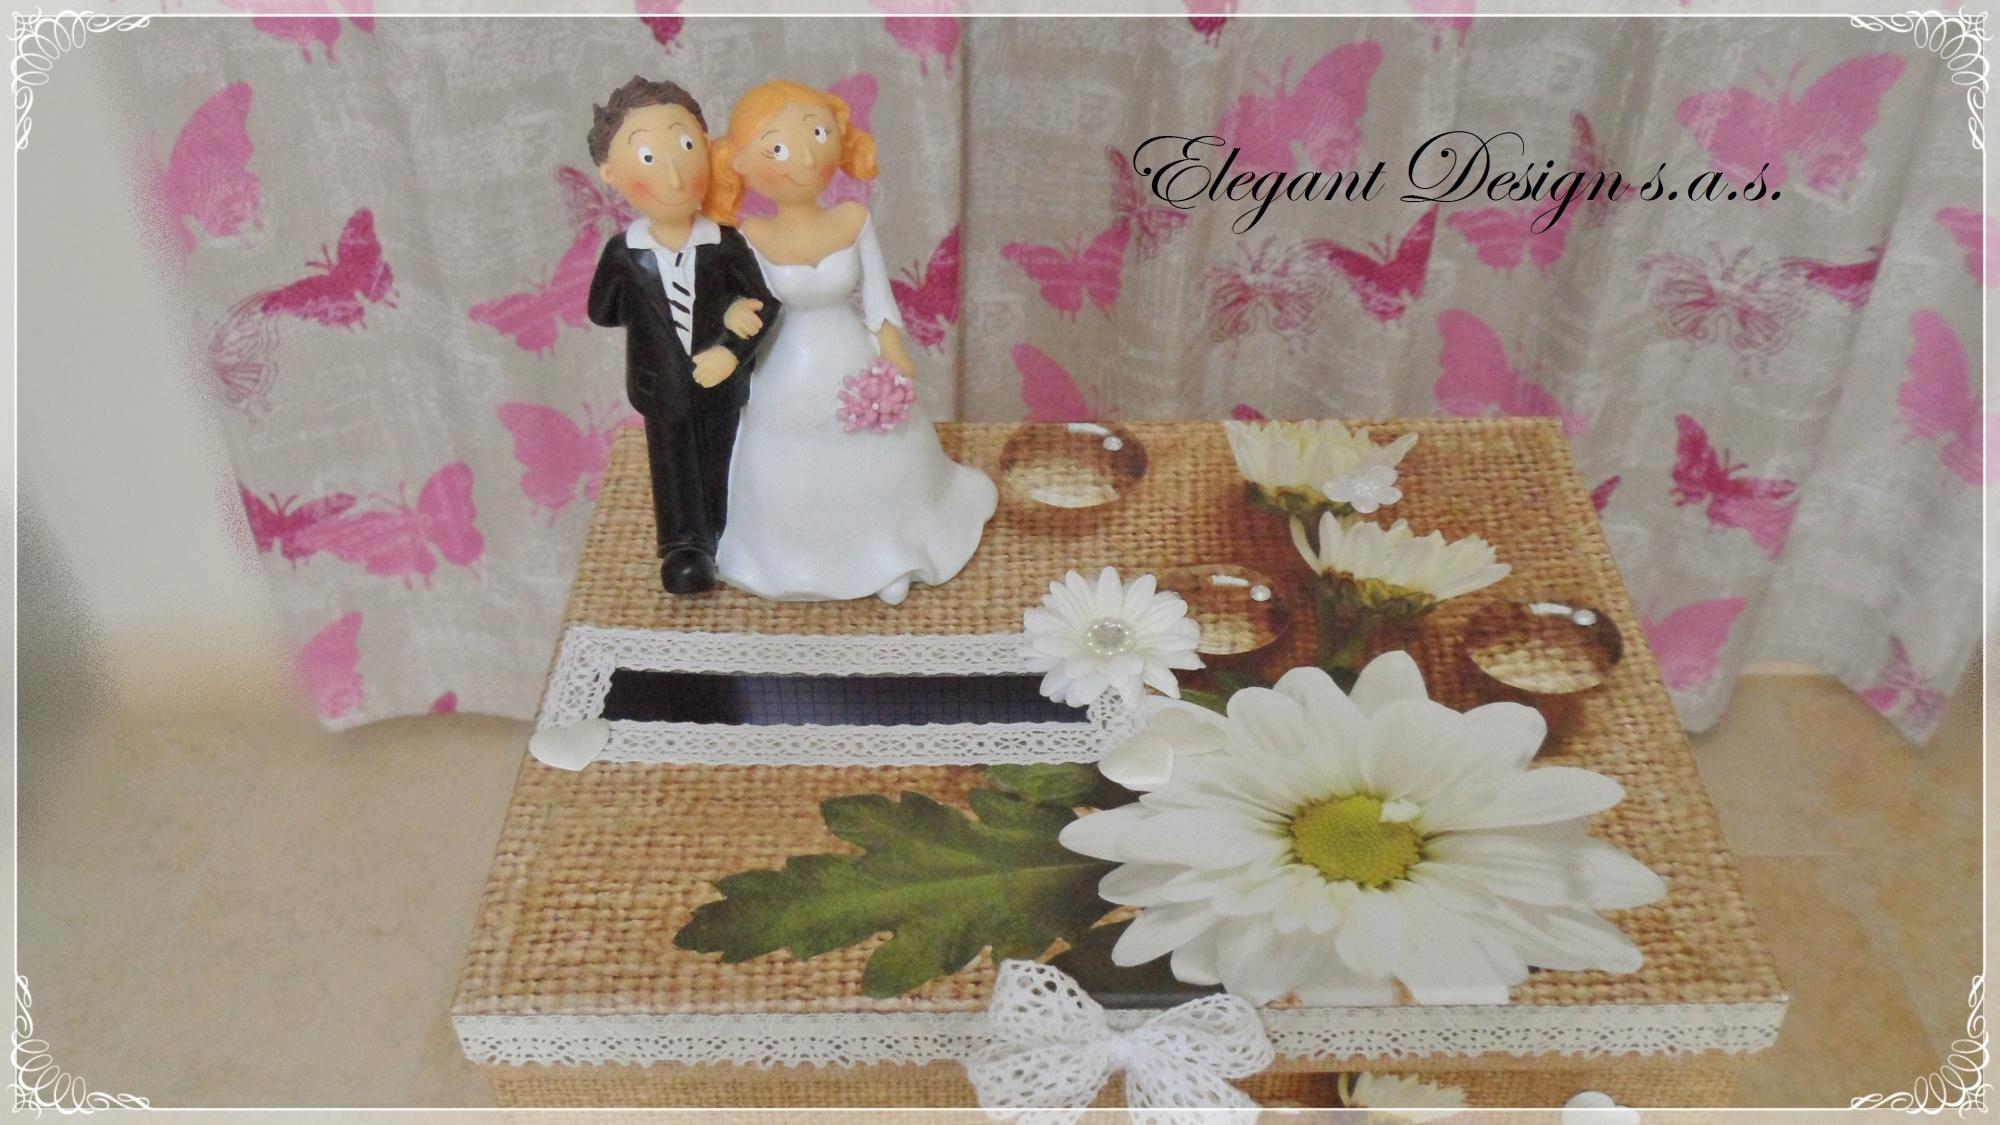 Matrimonio Regalo In Busta : Quanto mettere nella busta come calcolare l importo per il dono